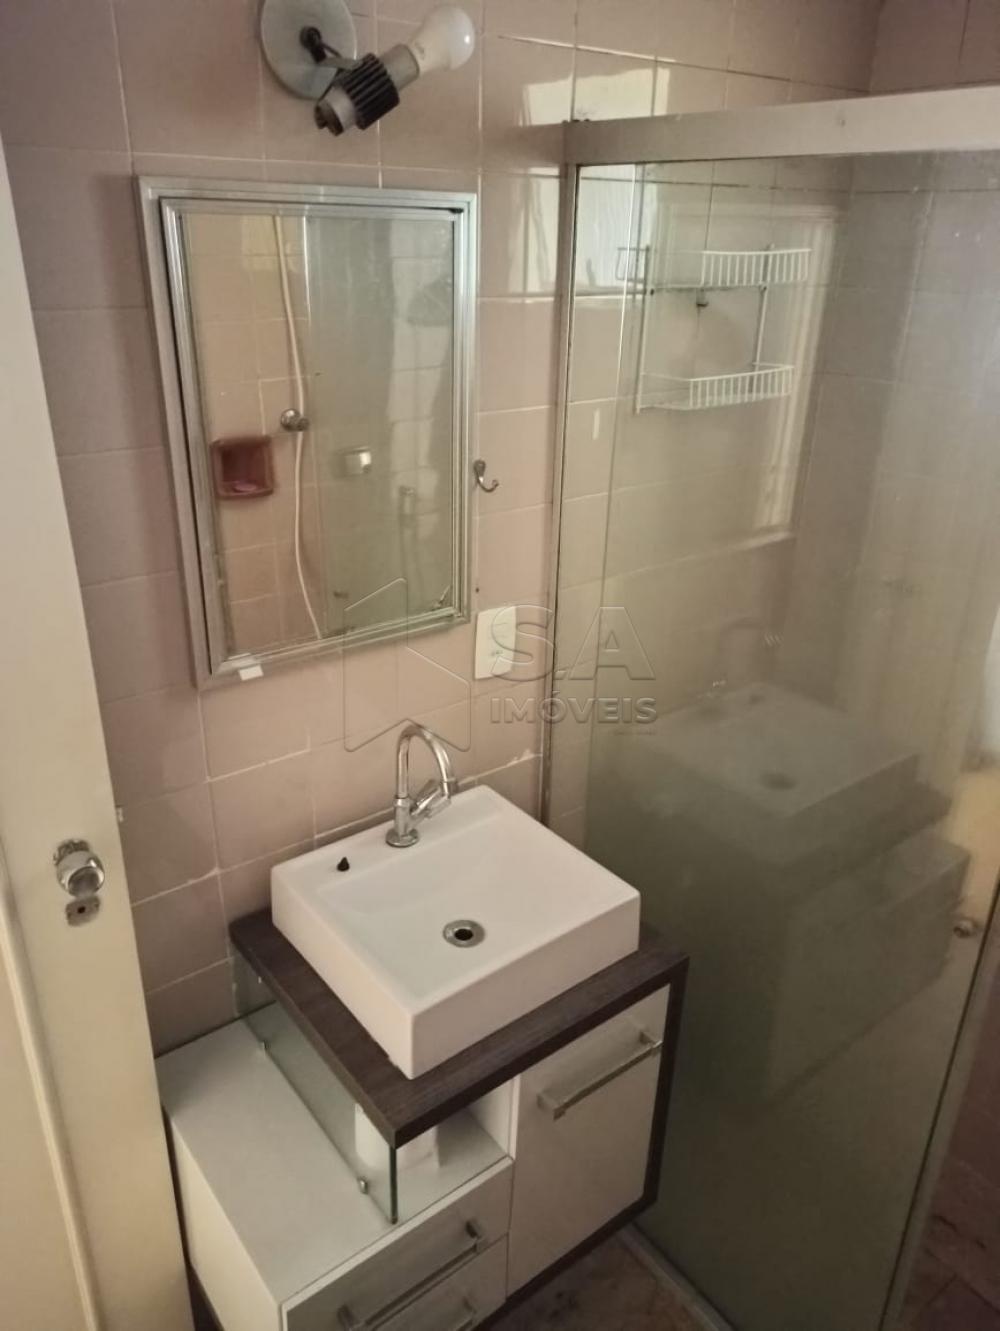 Comprar Apartamento / Padrão em São Paulo apenas R$ 650.000,00 - Foto 9